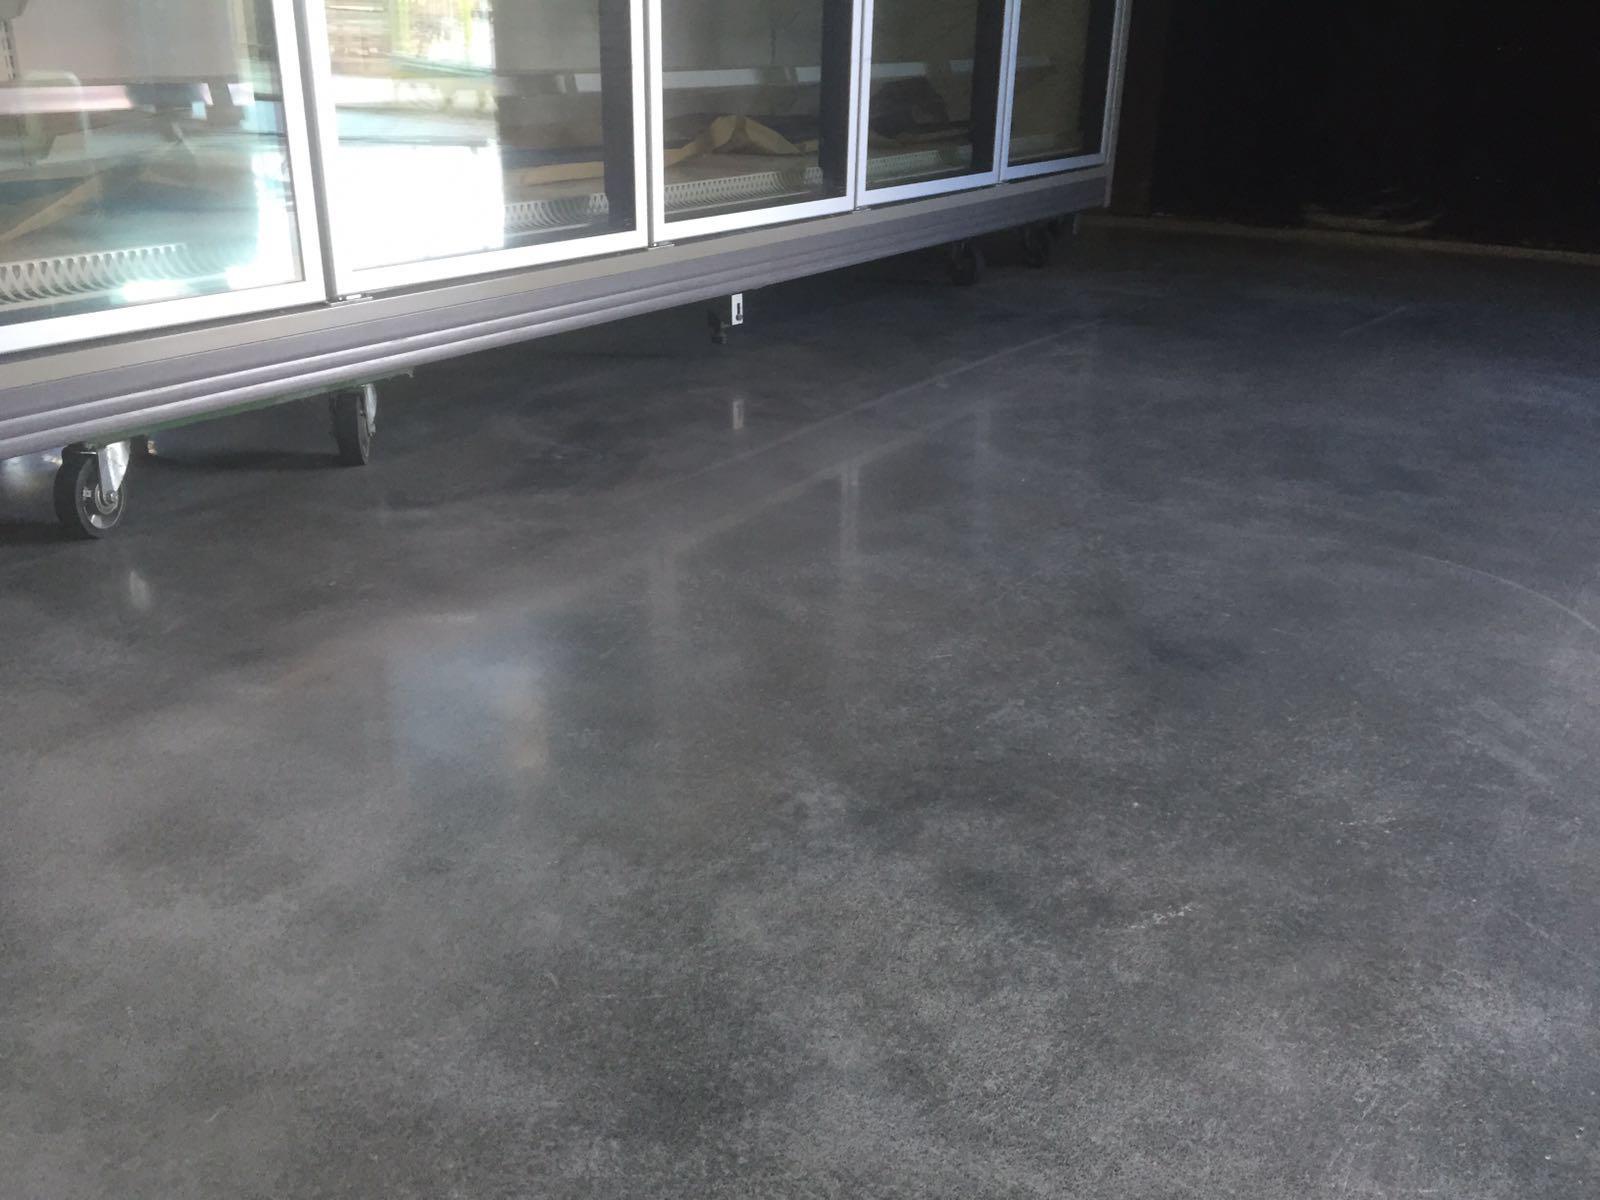 gepolijste betonvloer best vloerrenovatie